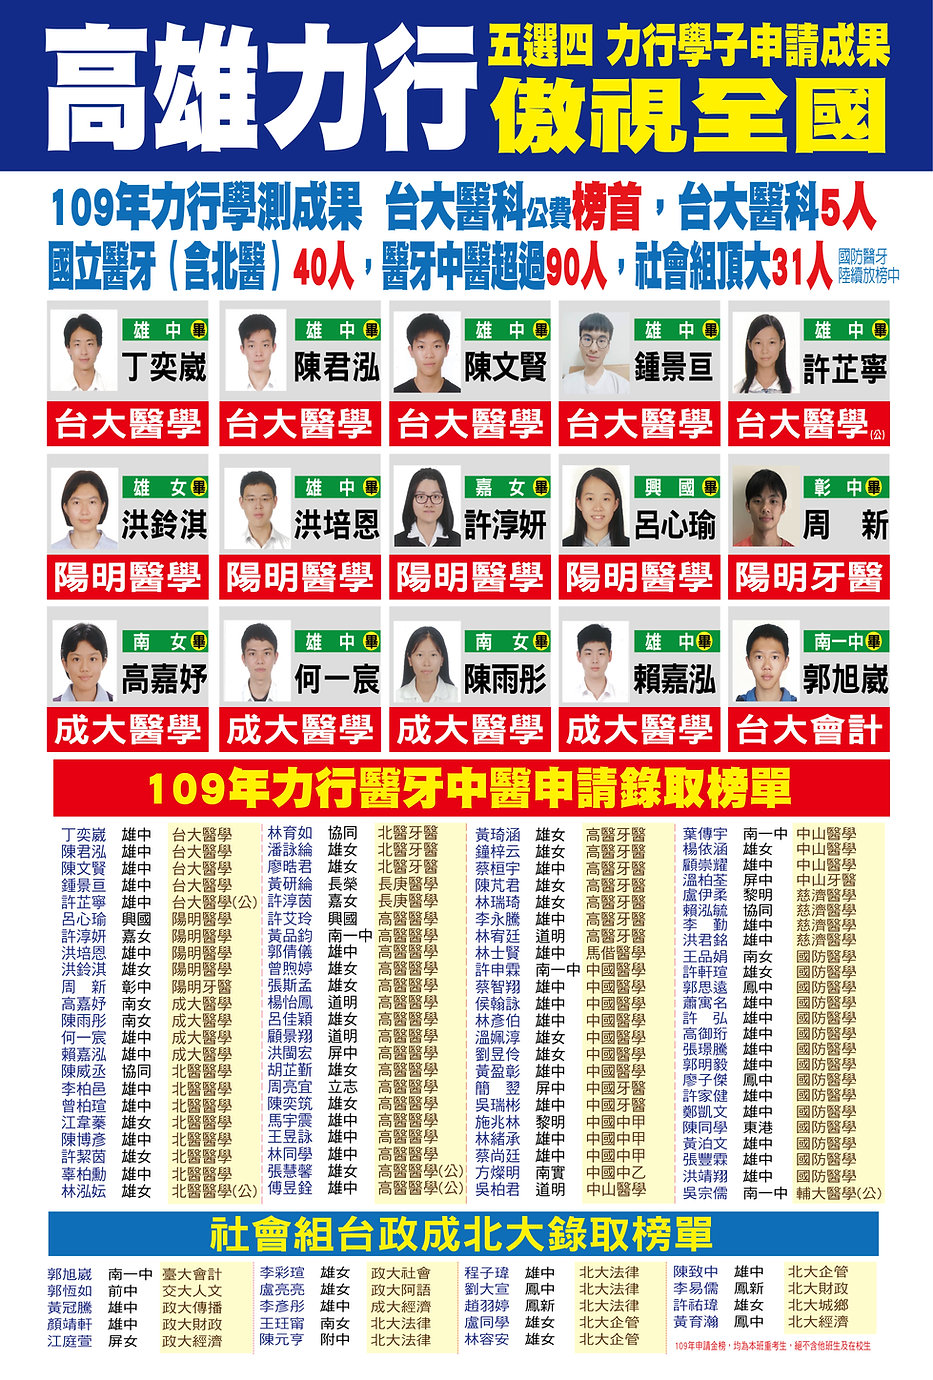 200713力行海報走廊108X73cm學測榜單+感言_工作區域 1.jpg